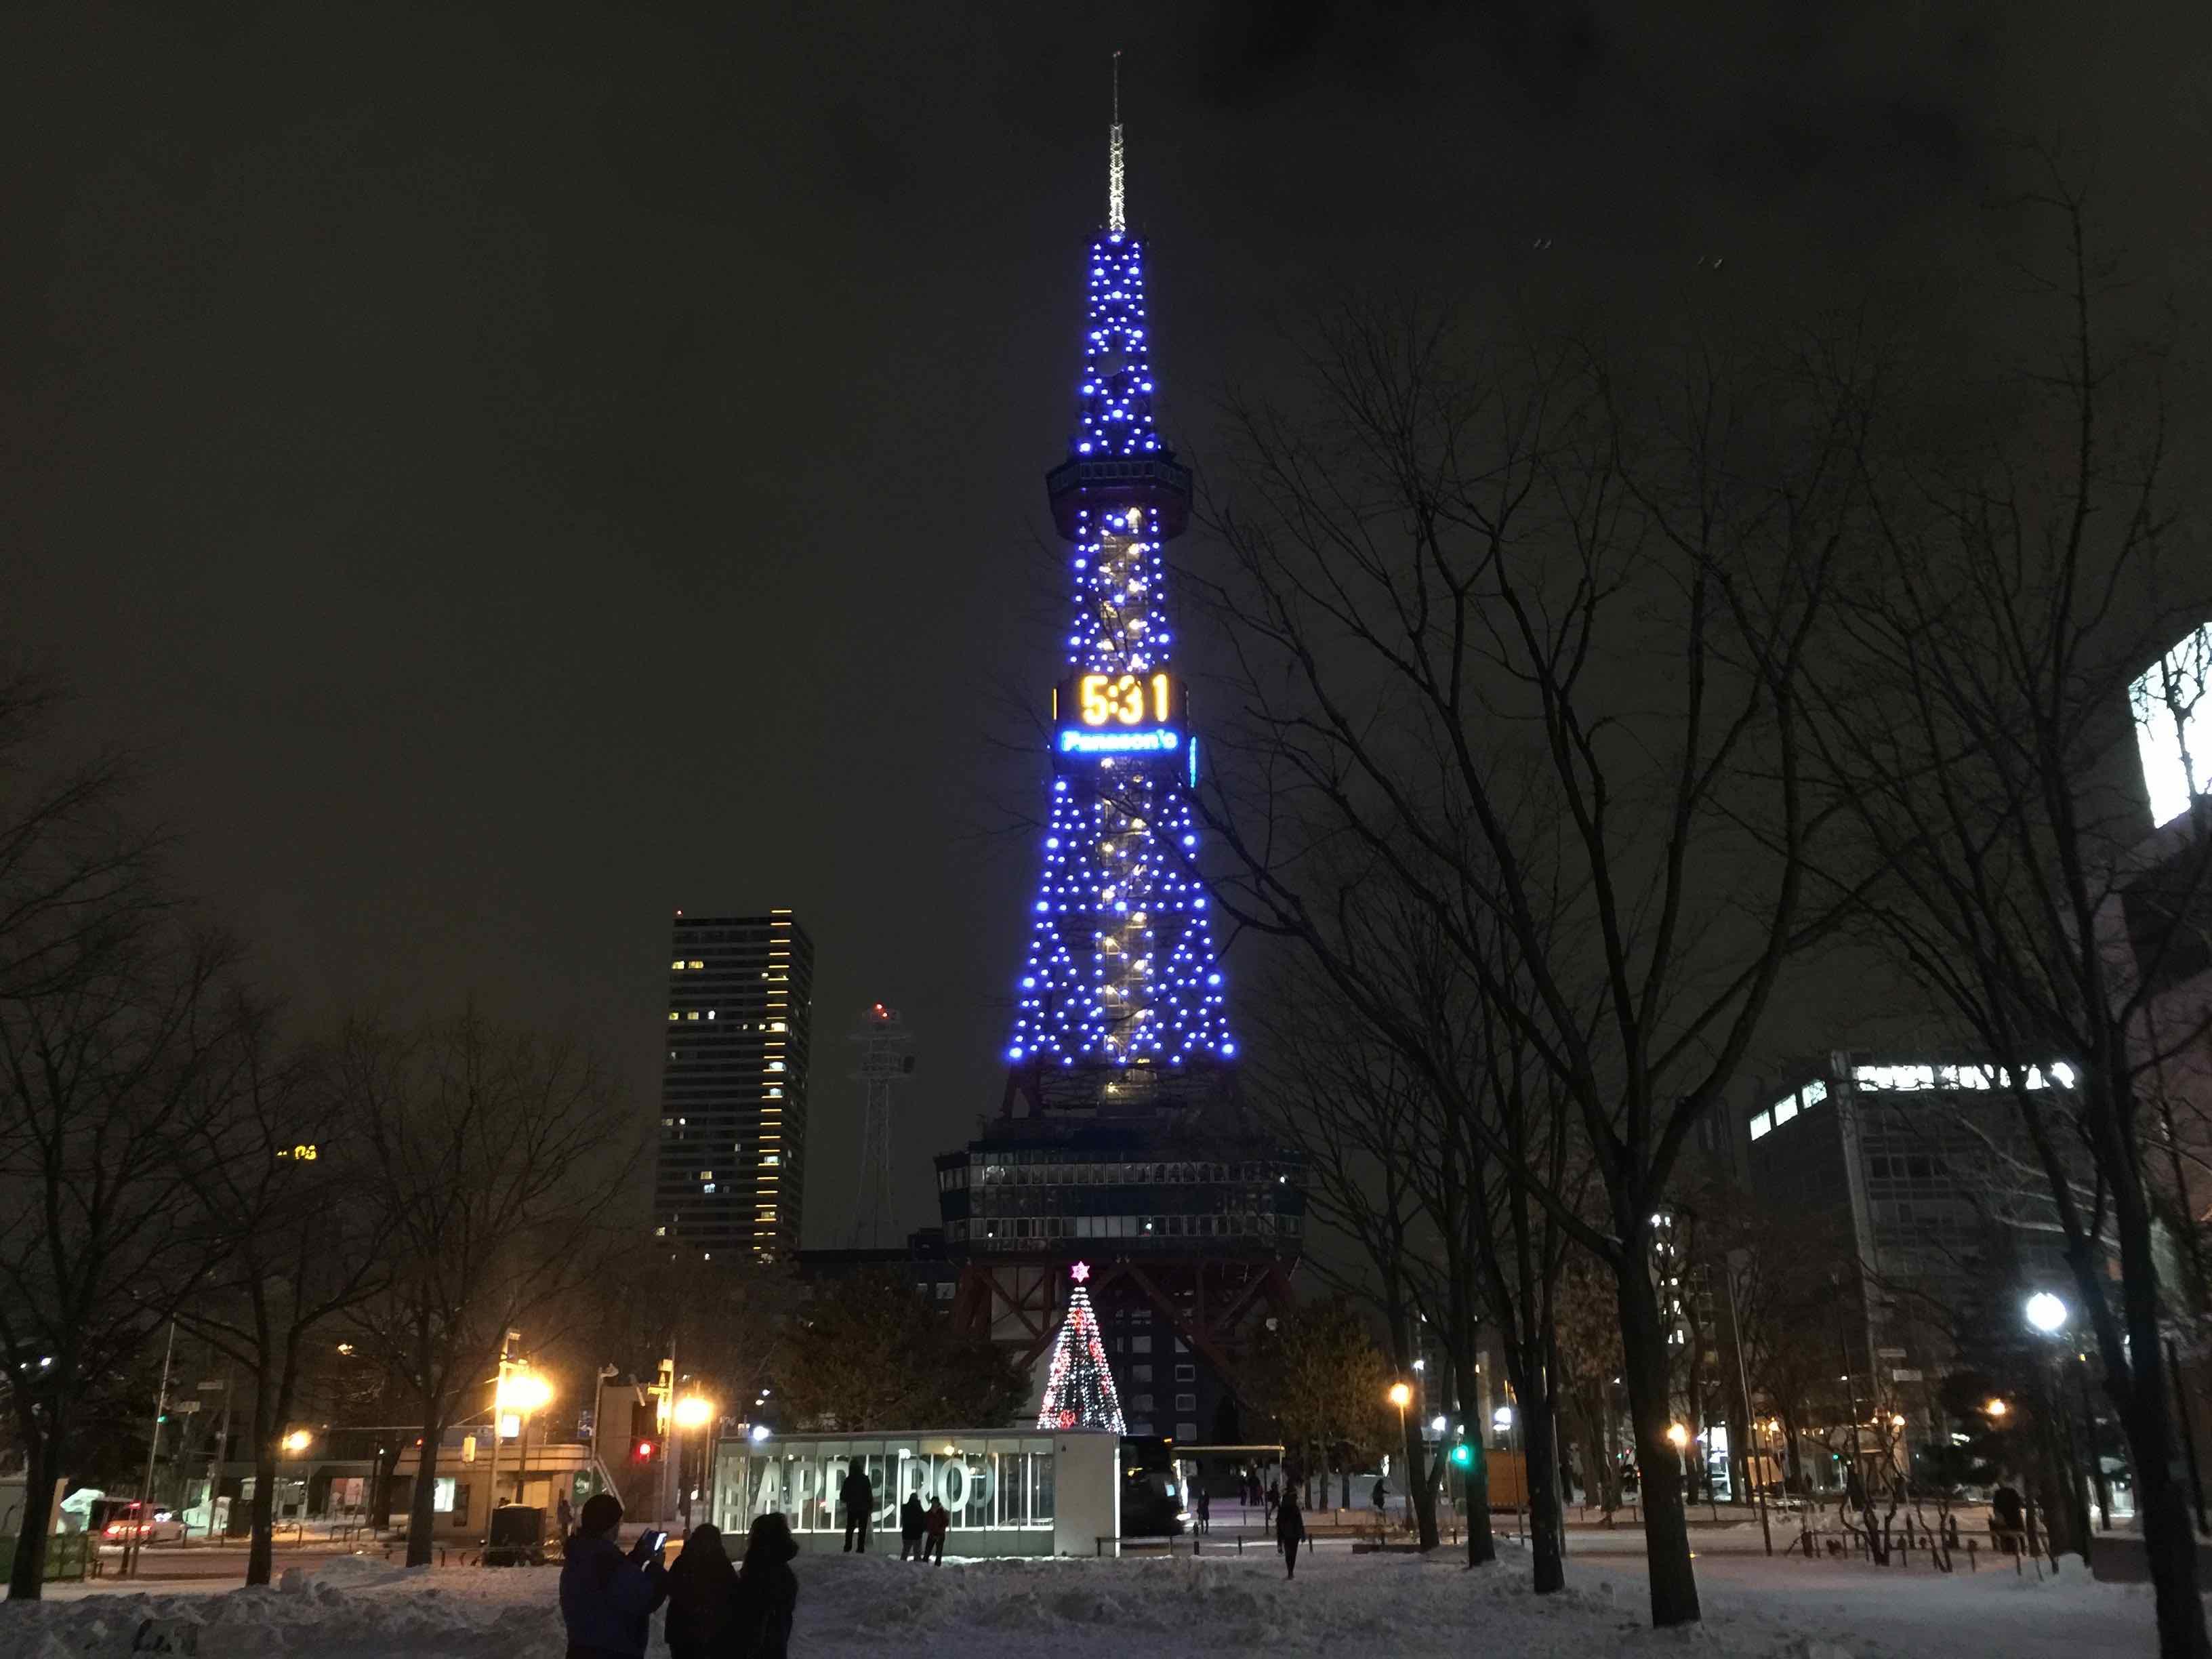 大通公園のテレビ塔